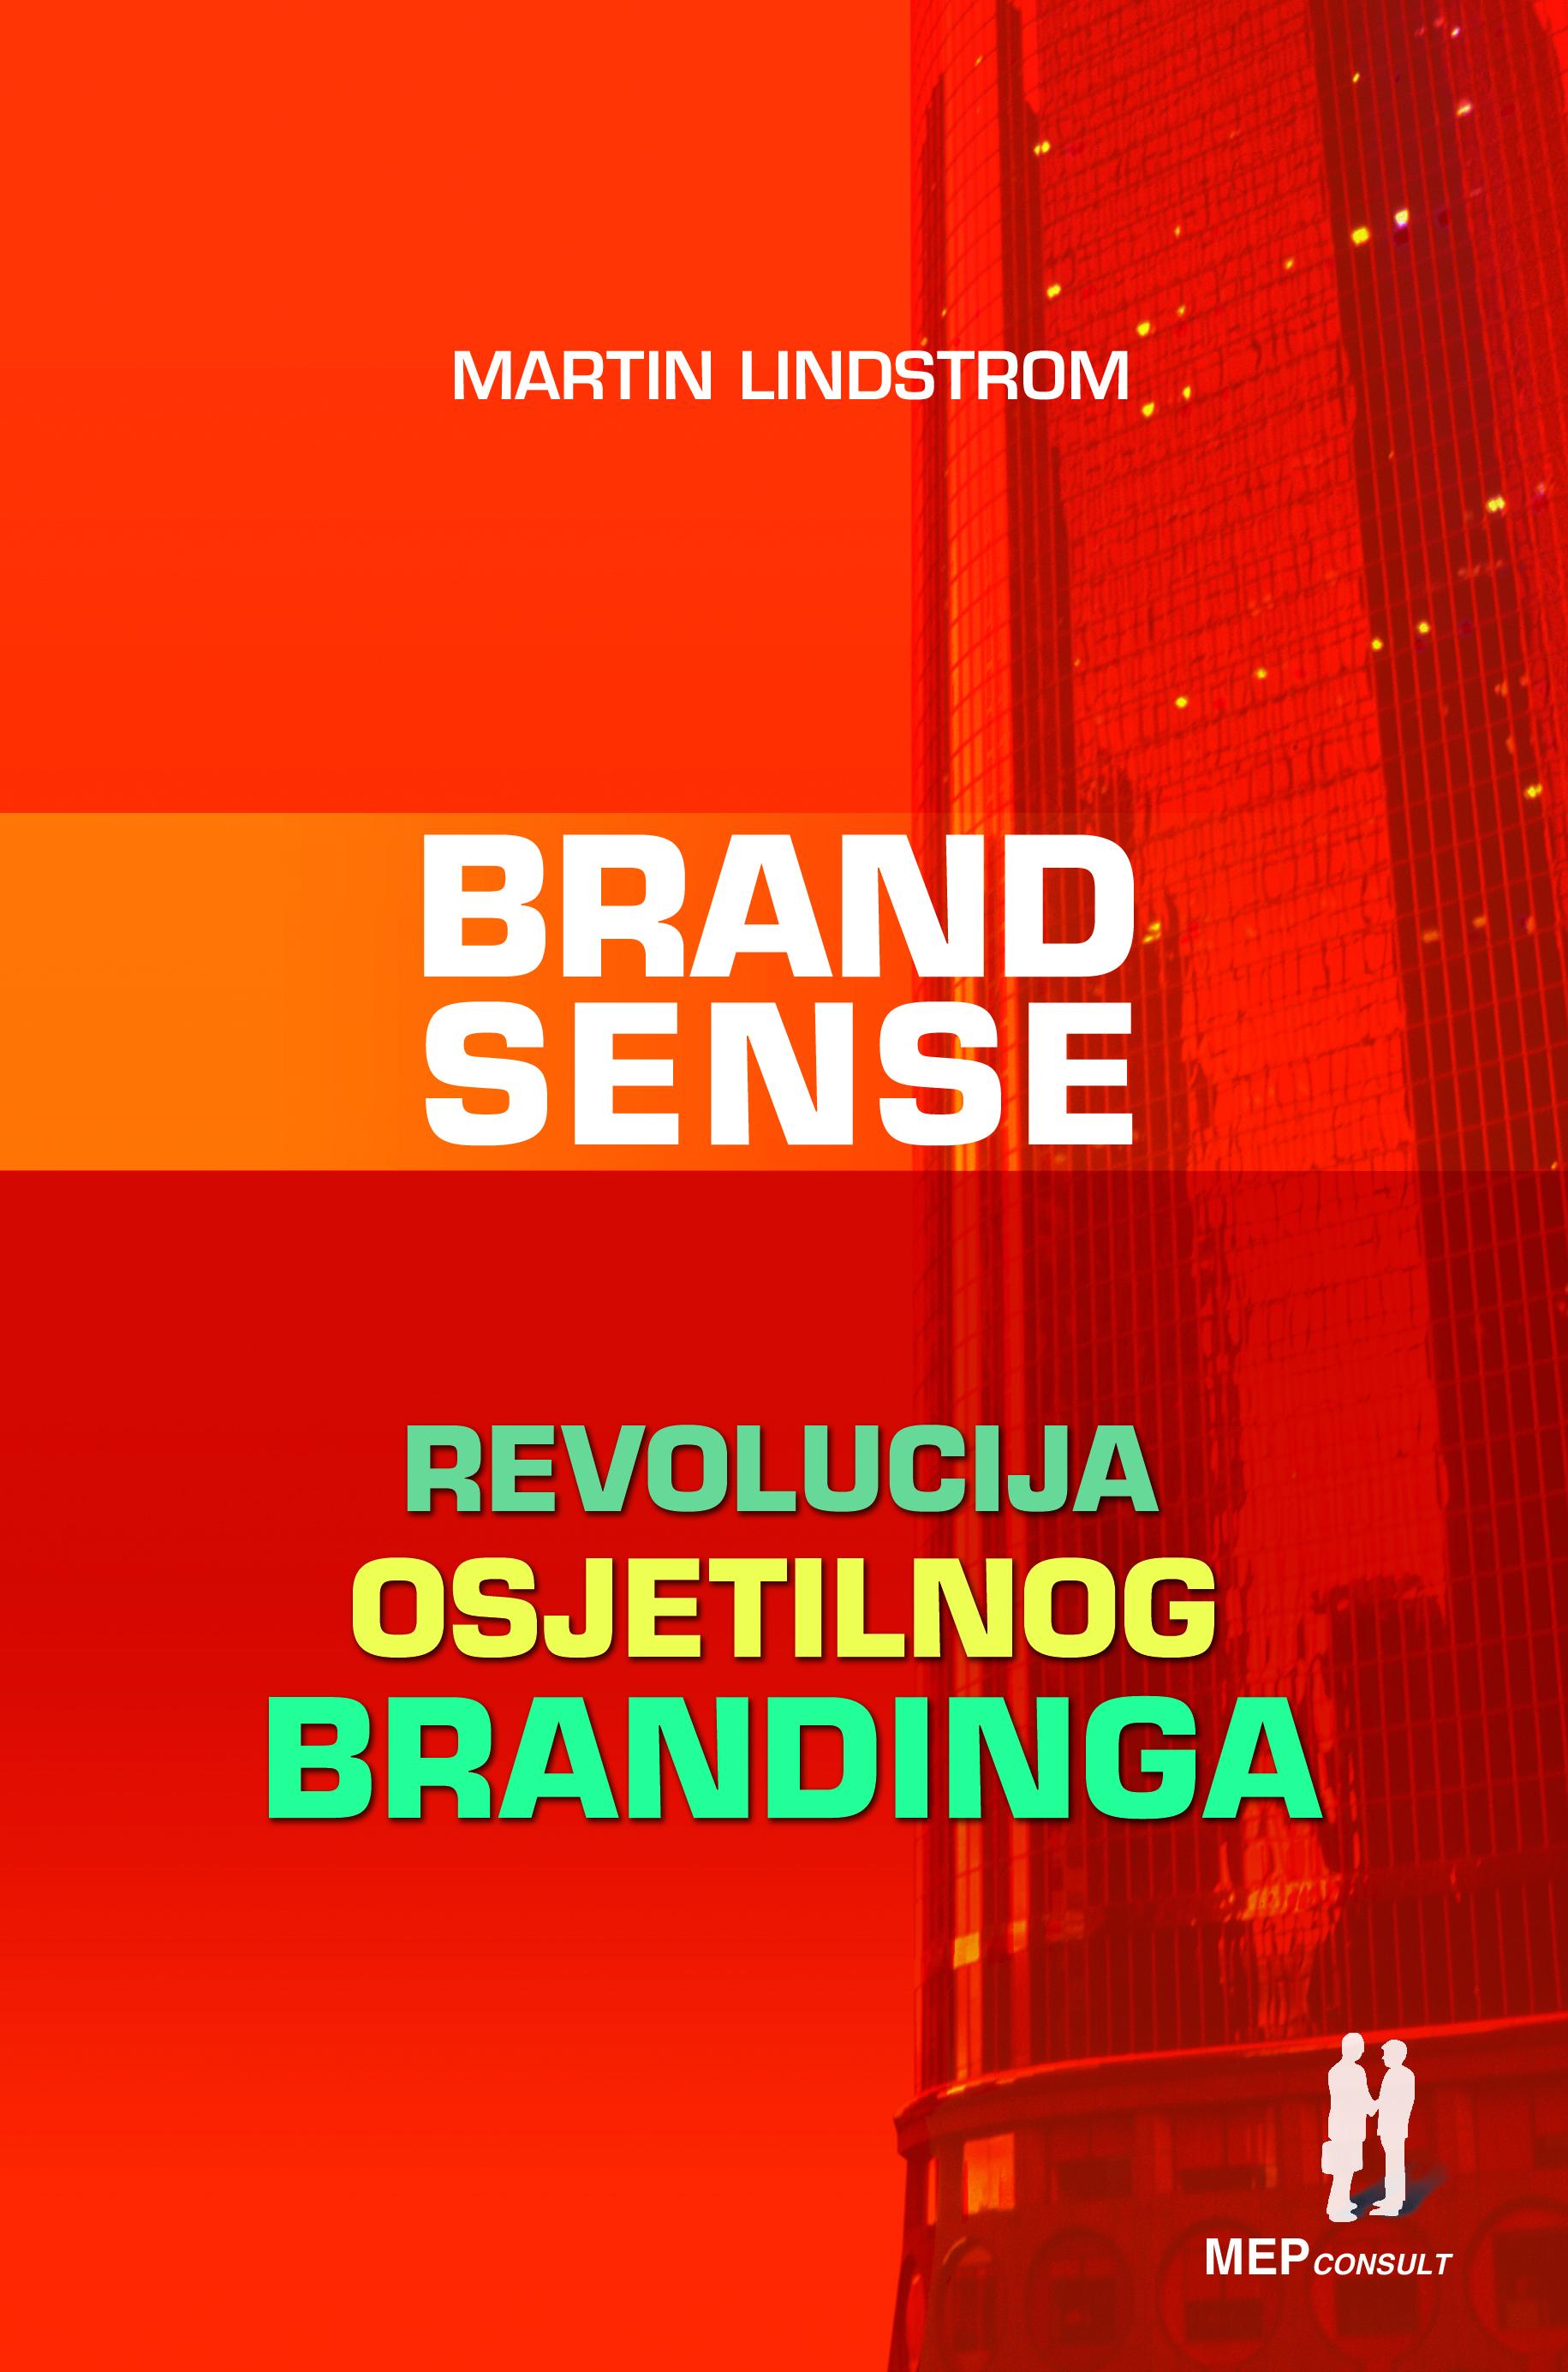 BRAND SENSE - Naruči svoju knjigu